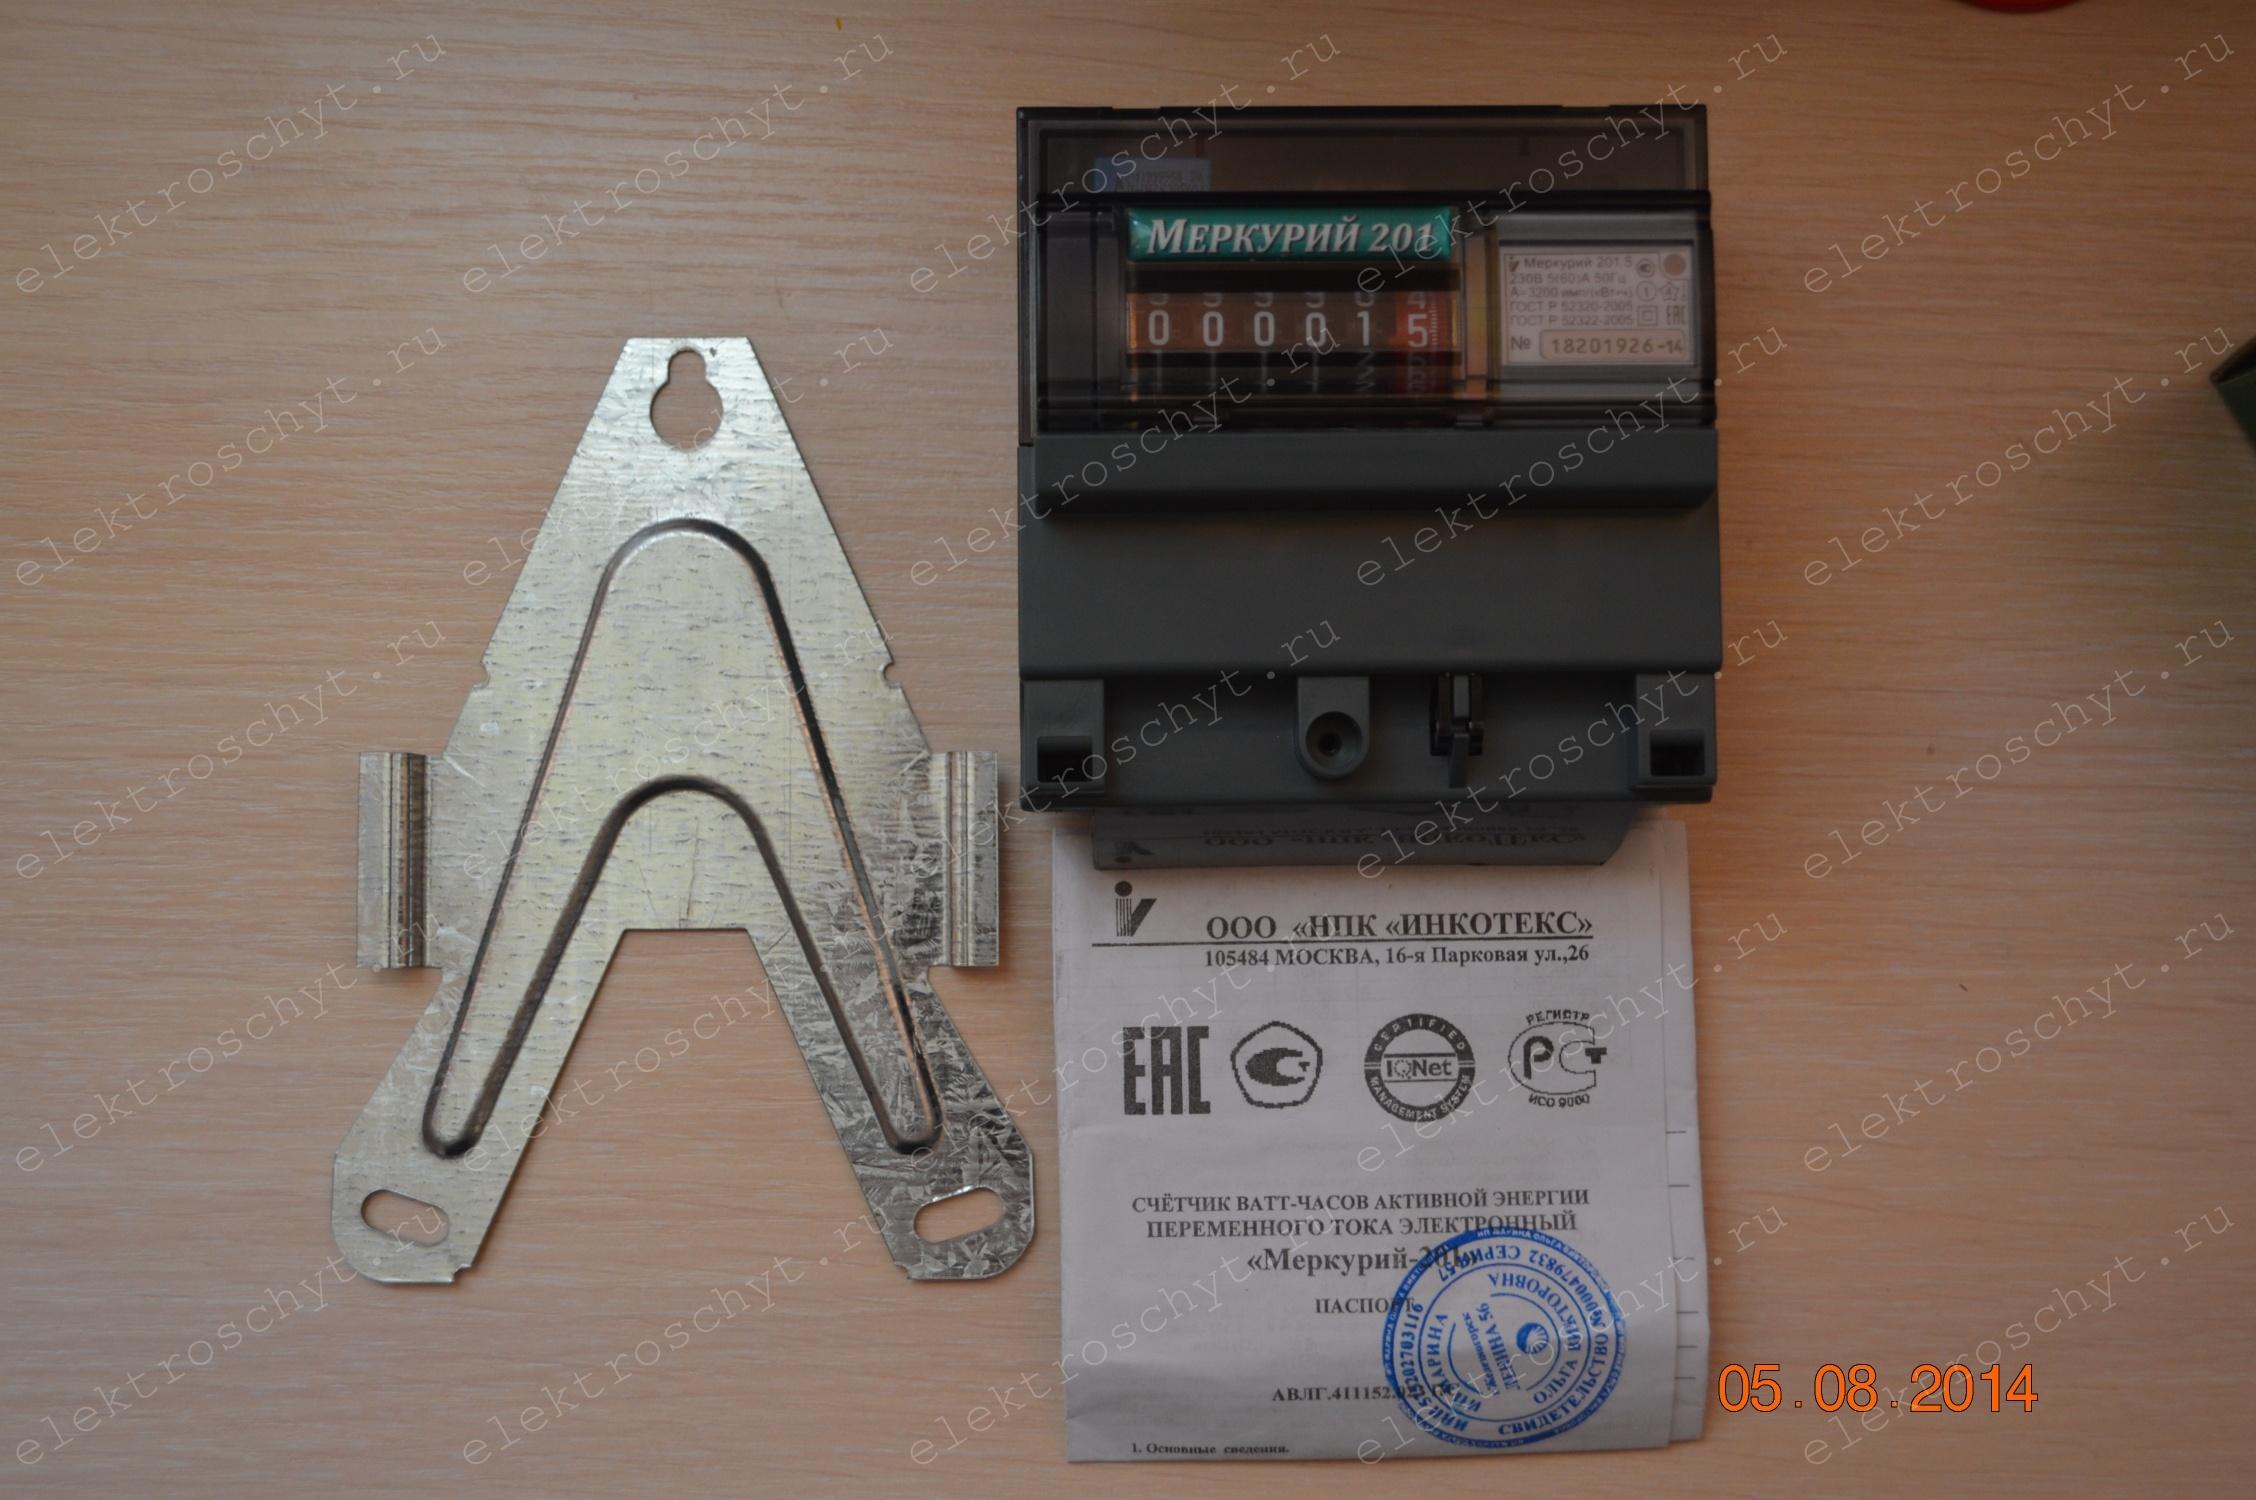 Меркурий электросчетчик инструкция